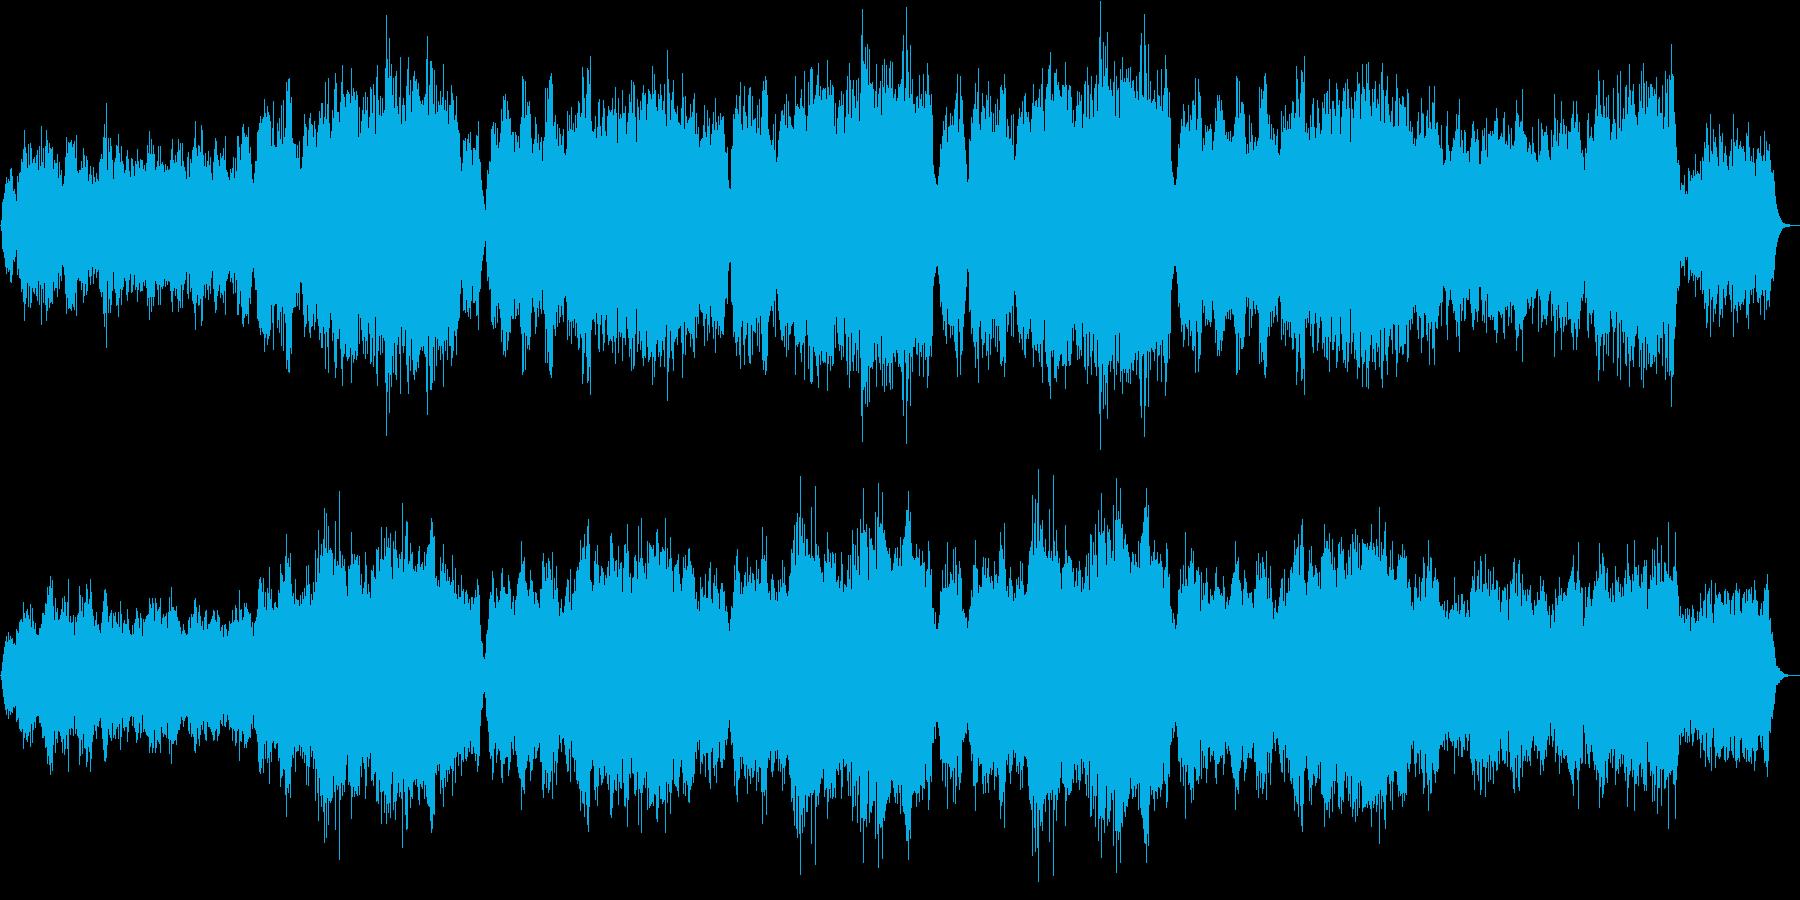 幻想的で壮大なコーラス×オーケストラの再生済みの波形